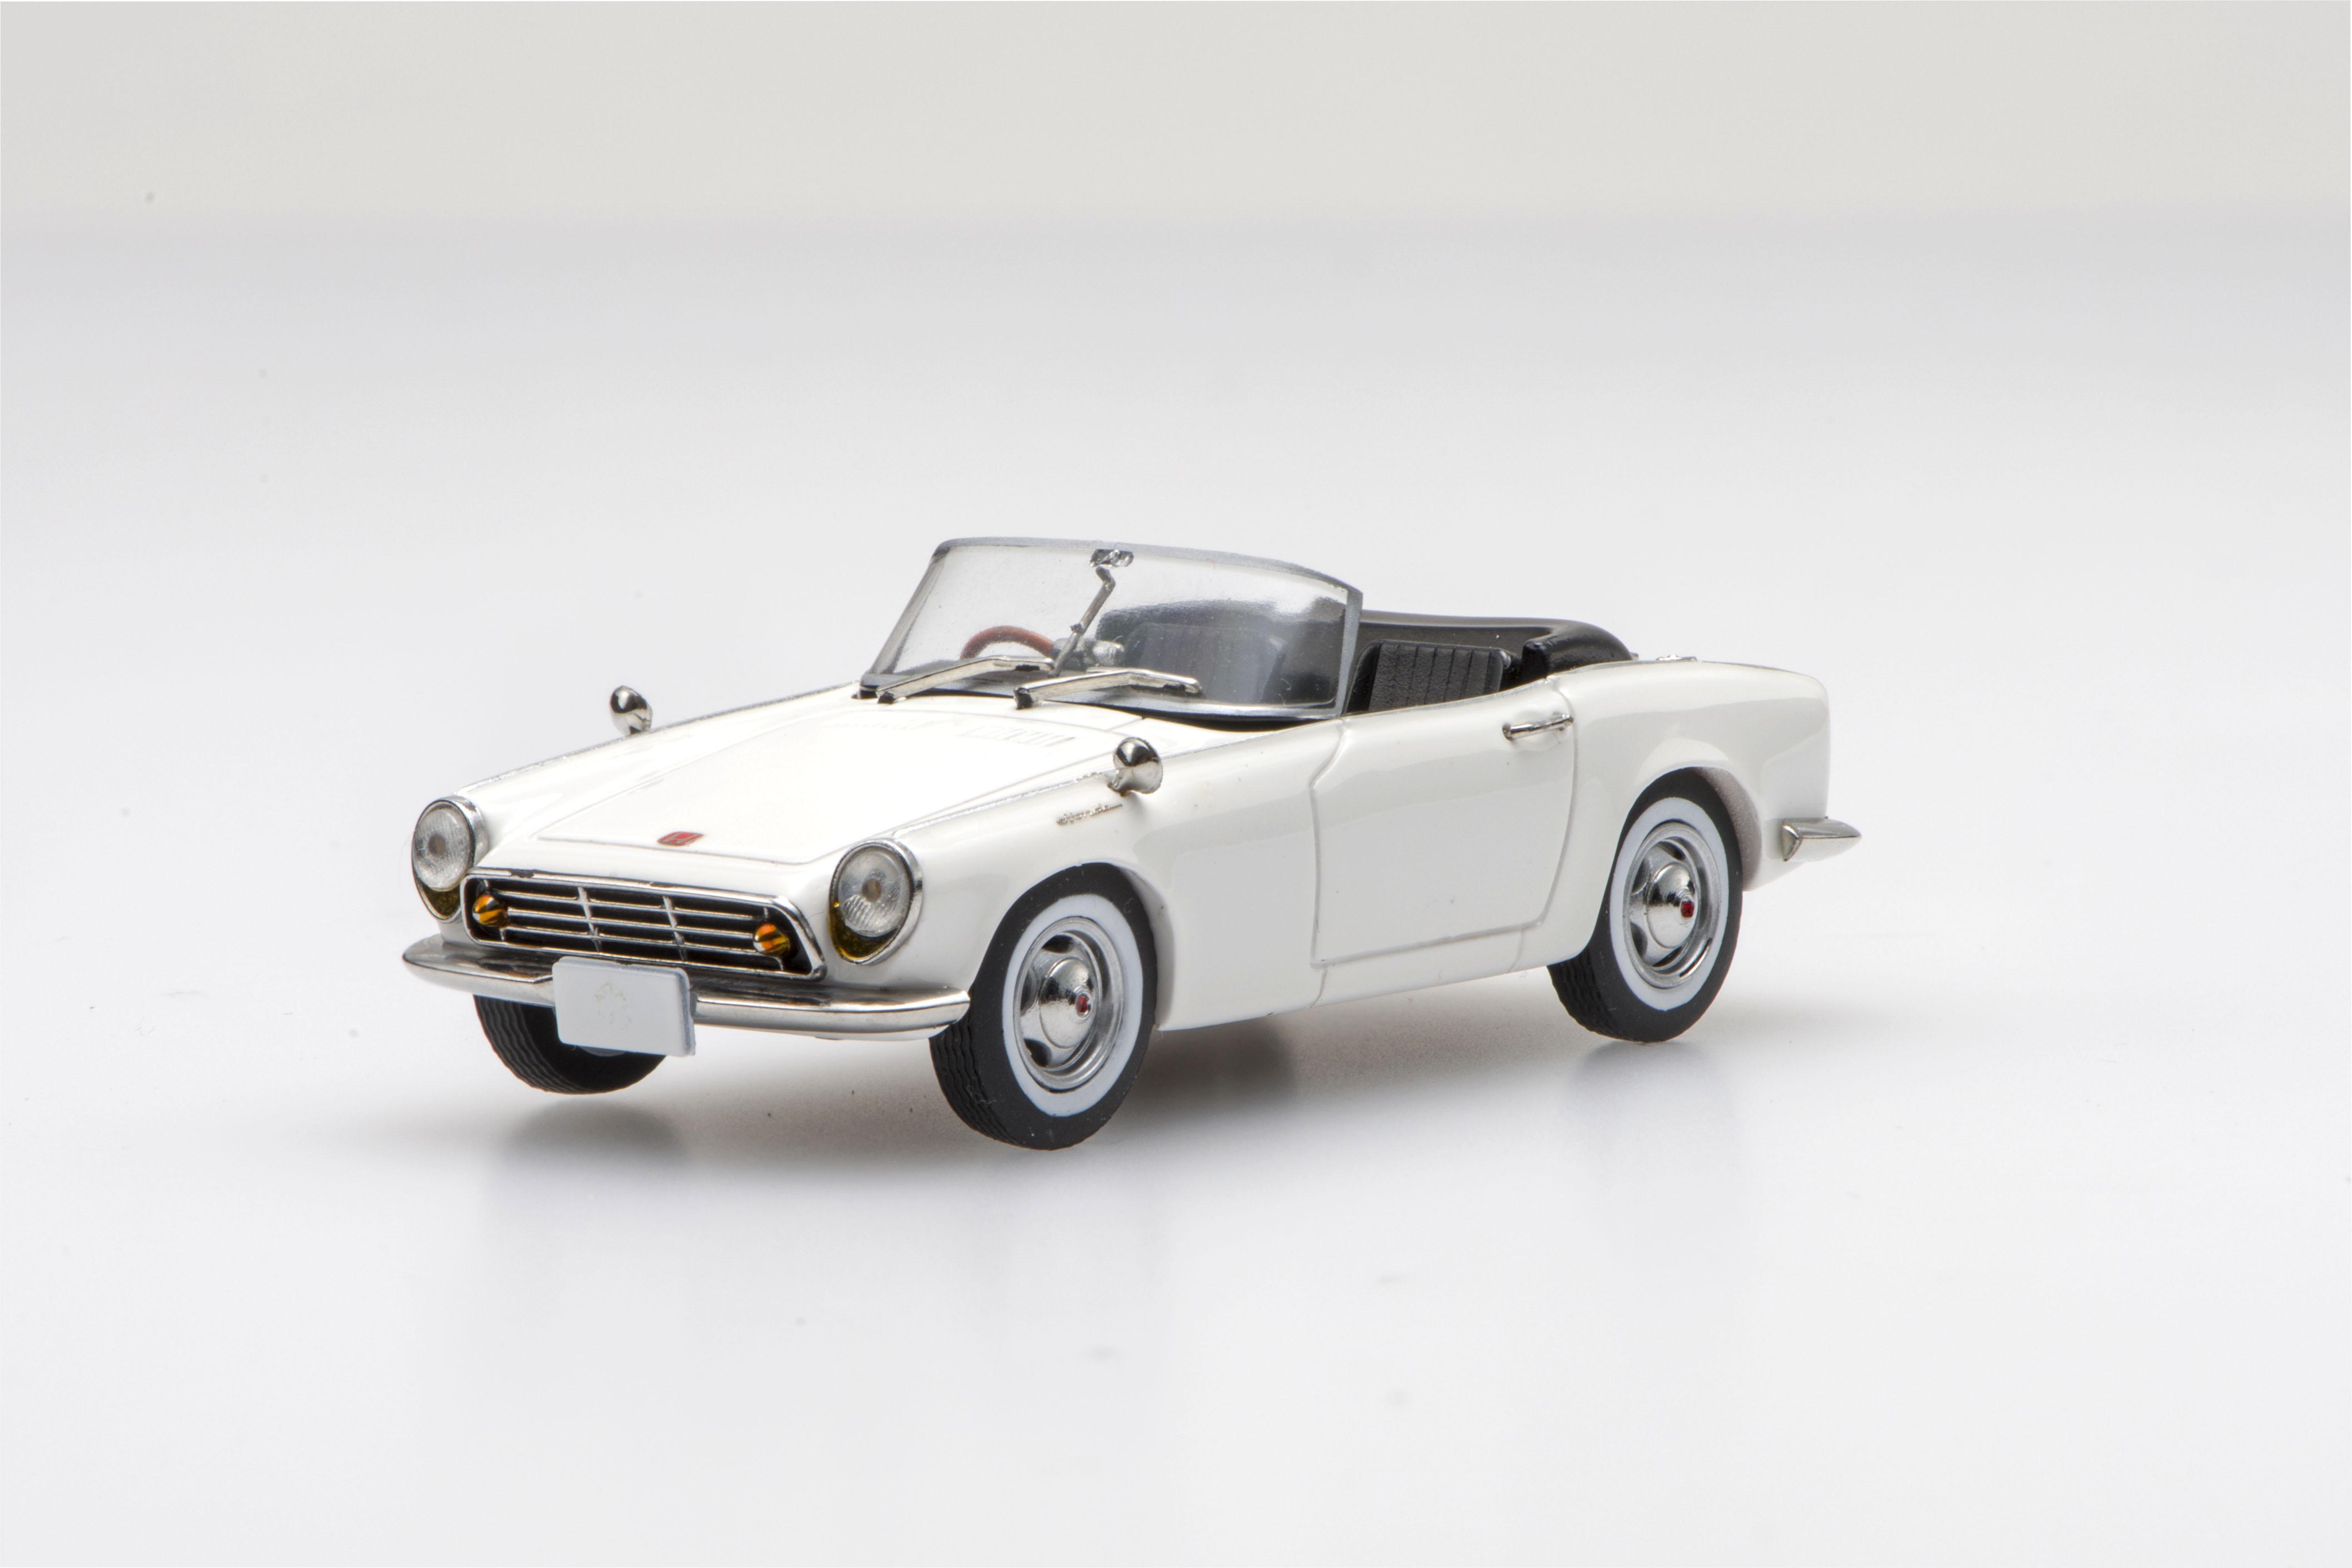 ☆予約品☆【45466】Honda S500 1963 (White) 【RESIN】